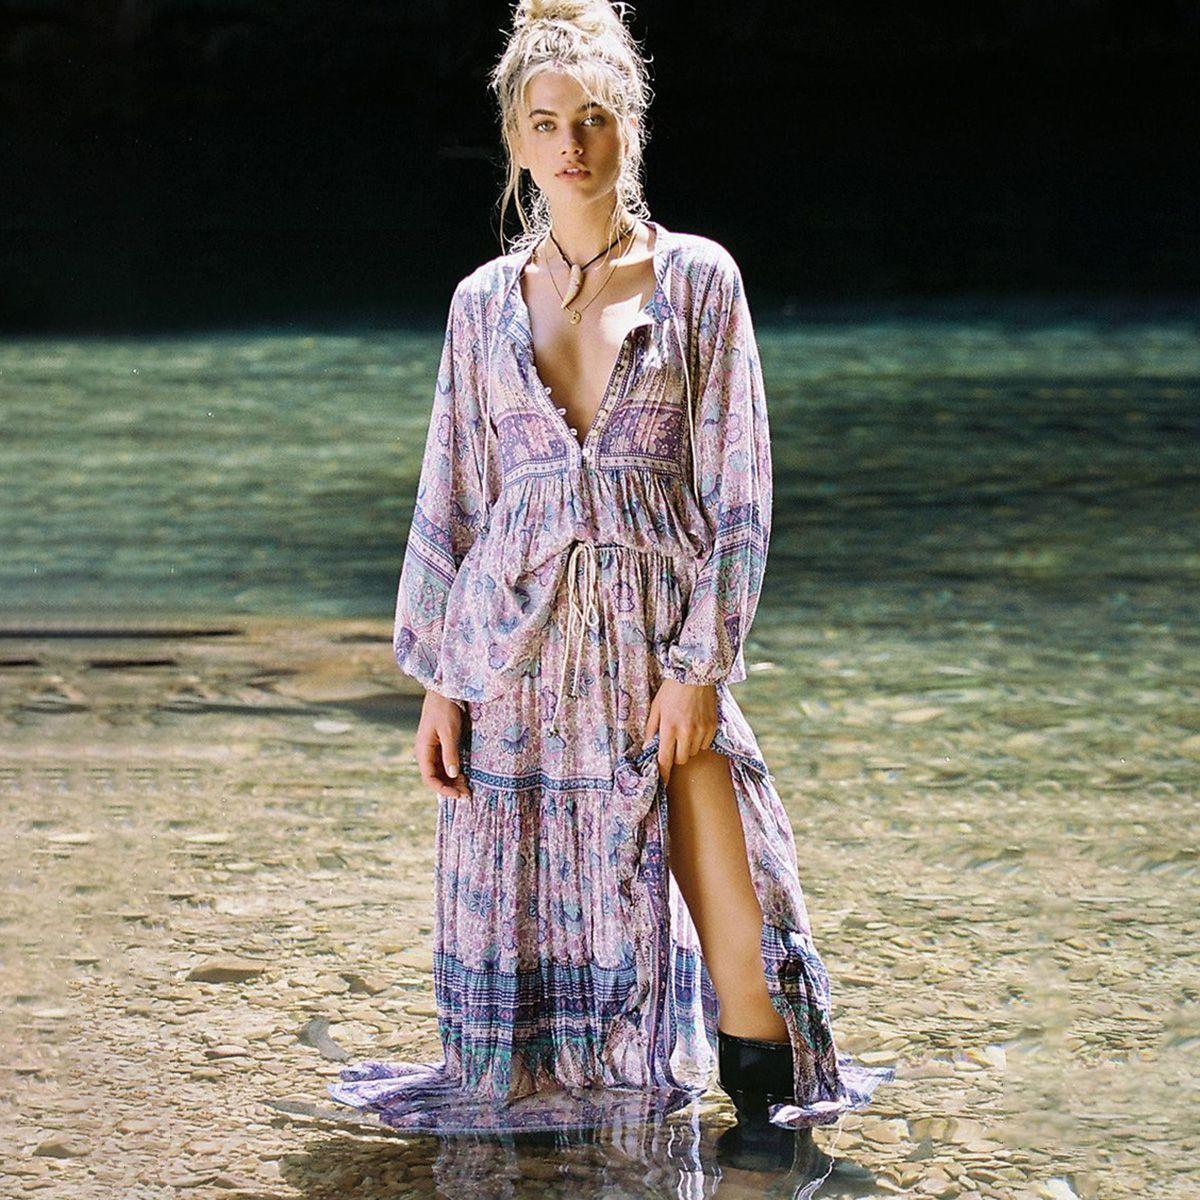 Lalic Çiçek Baskı Iki Parçalı Set Kadın Yaz Uzun Kollu V boyun Yüksek Bel Maxi Etek Üst Setleri Elbise Boho 2 parça Set 2019